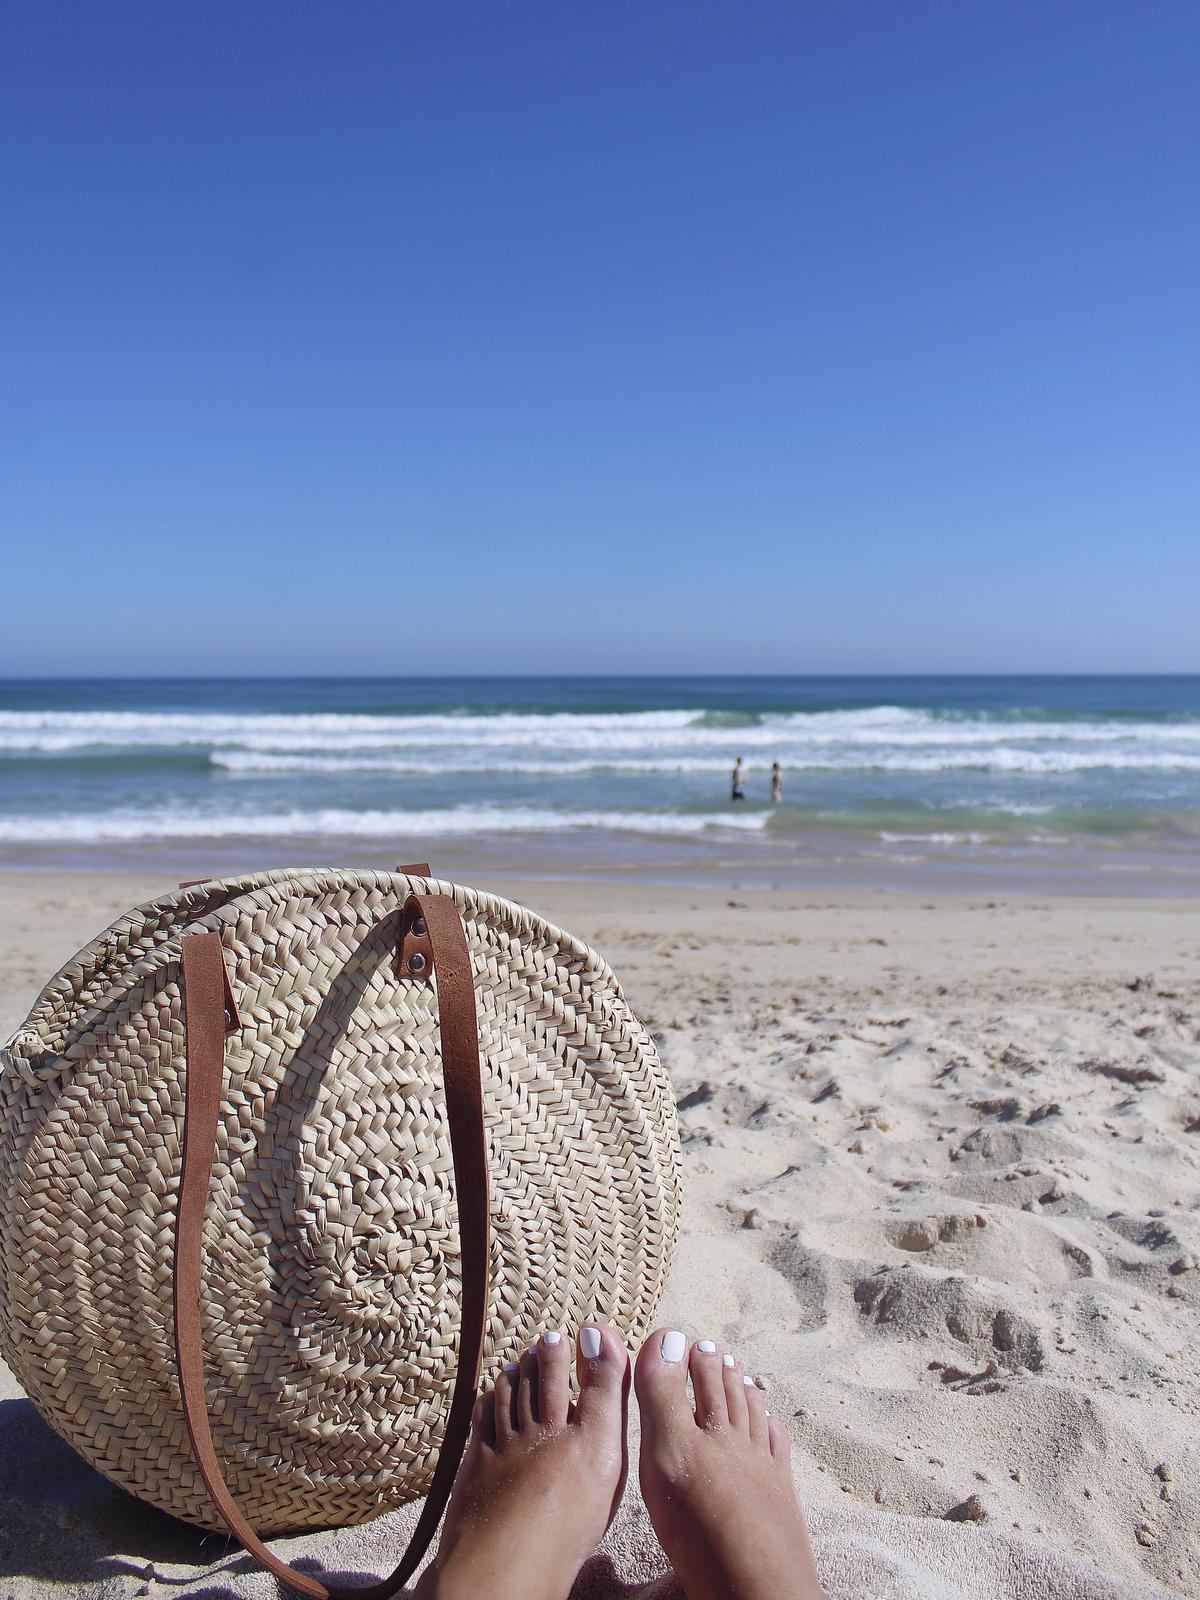 faro - portugal - praia - island - beach - panier rond